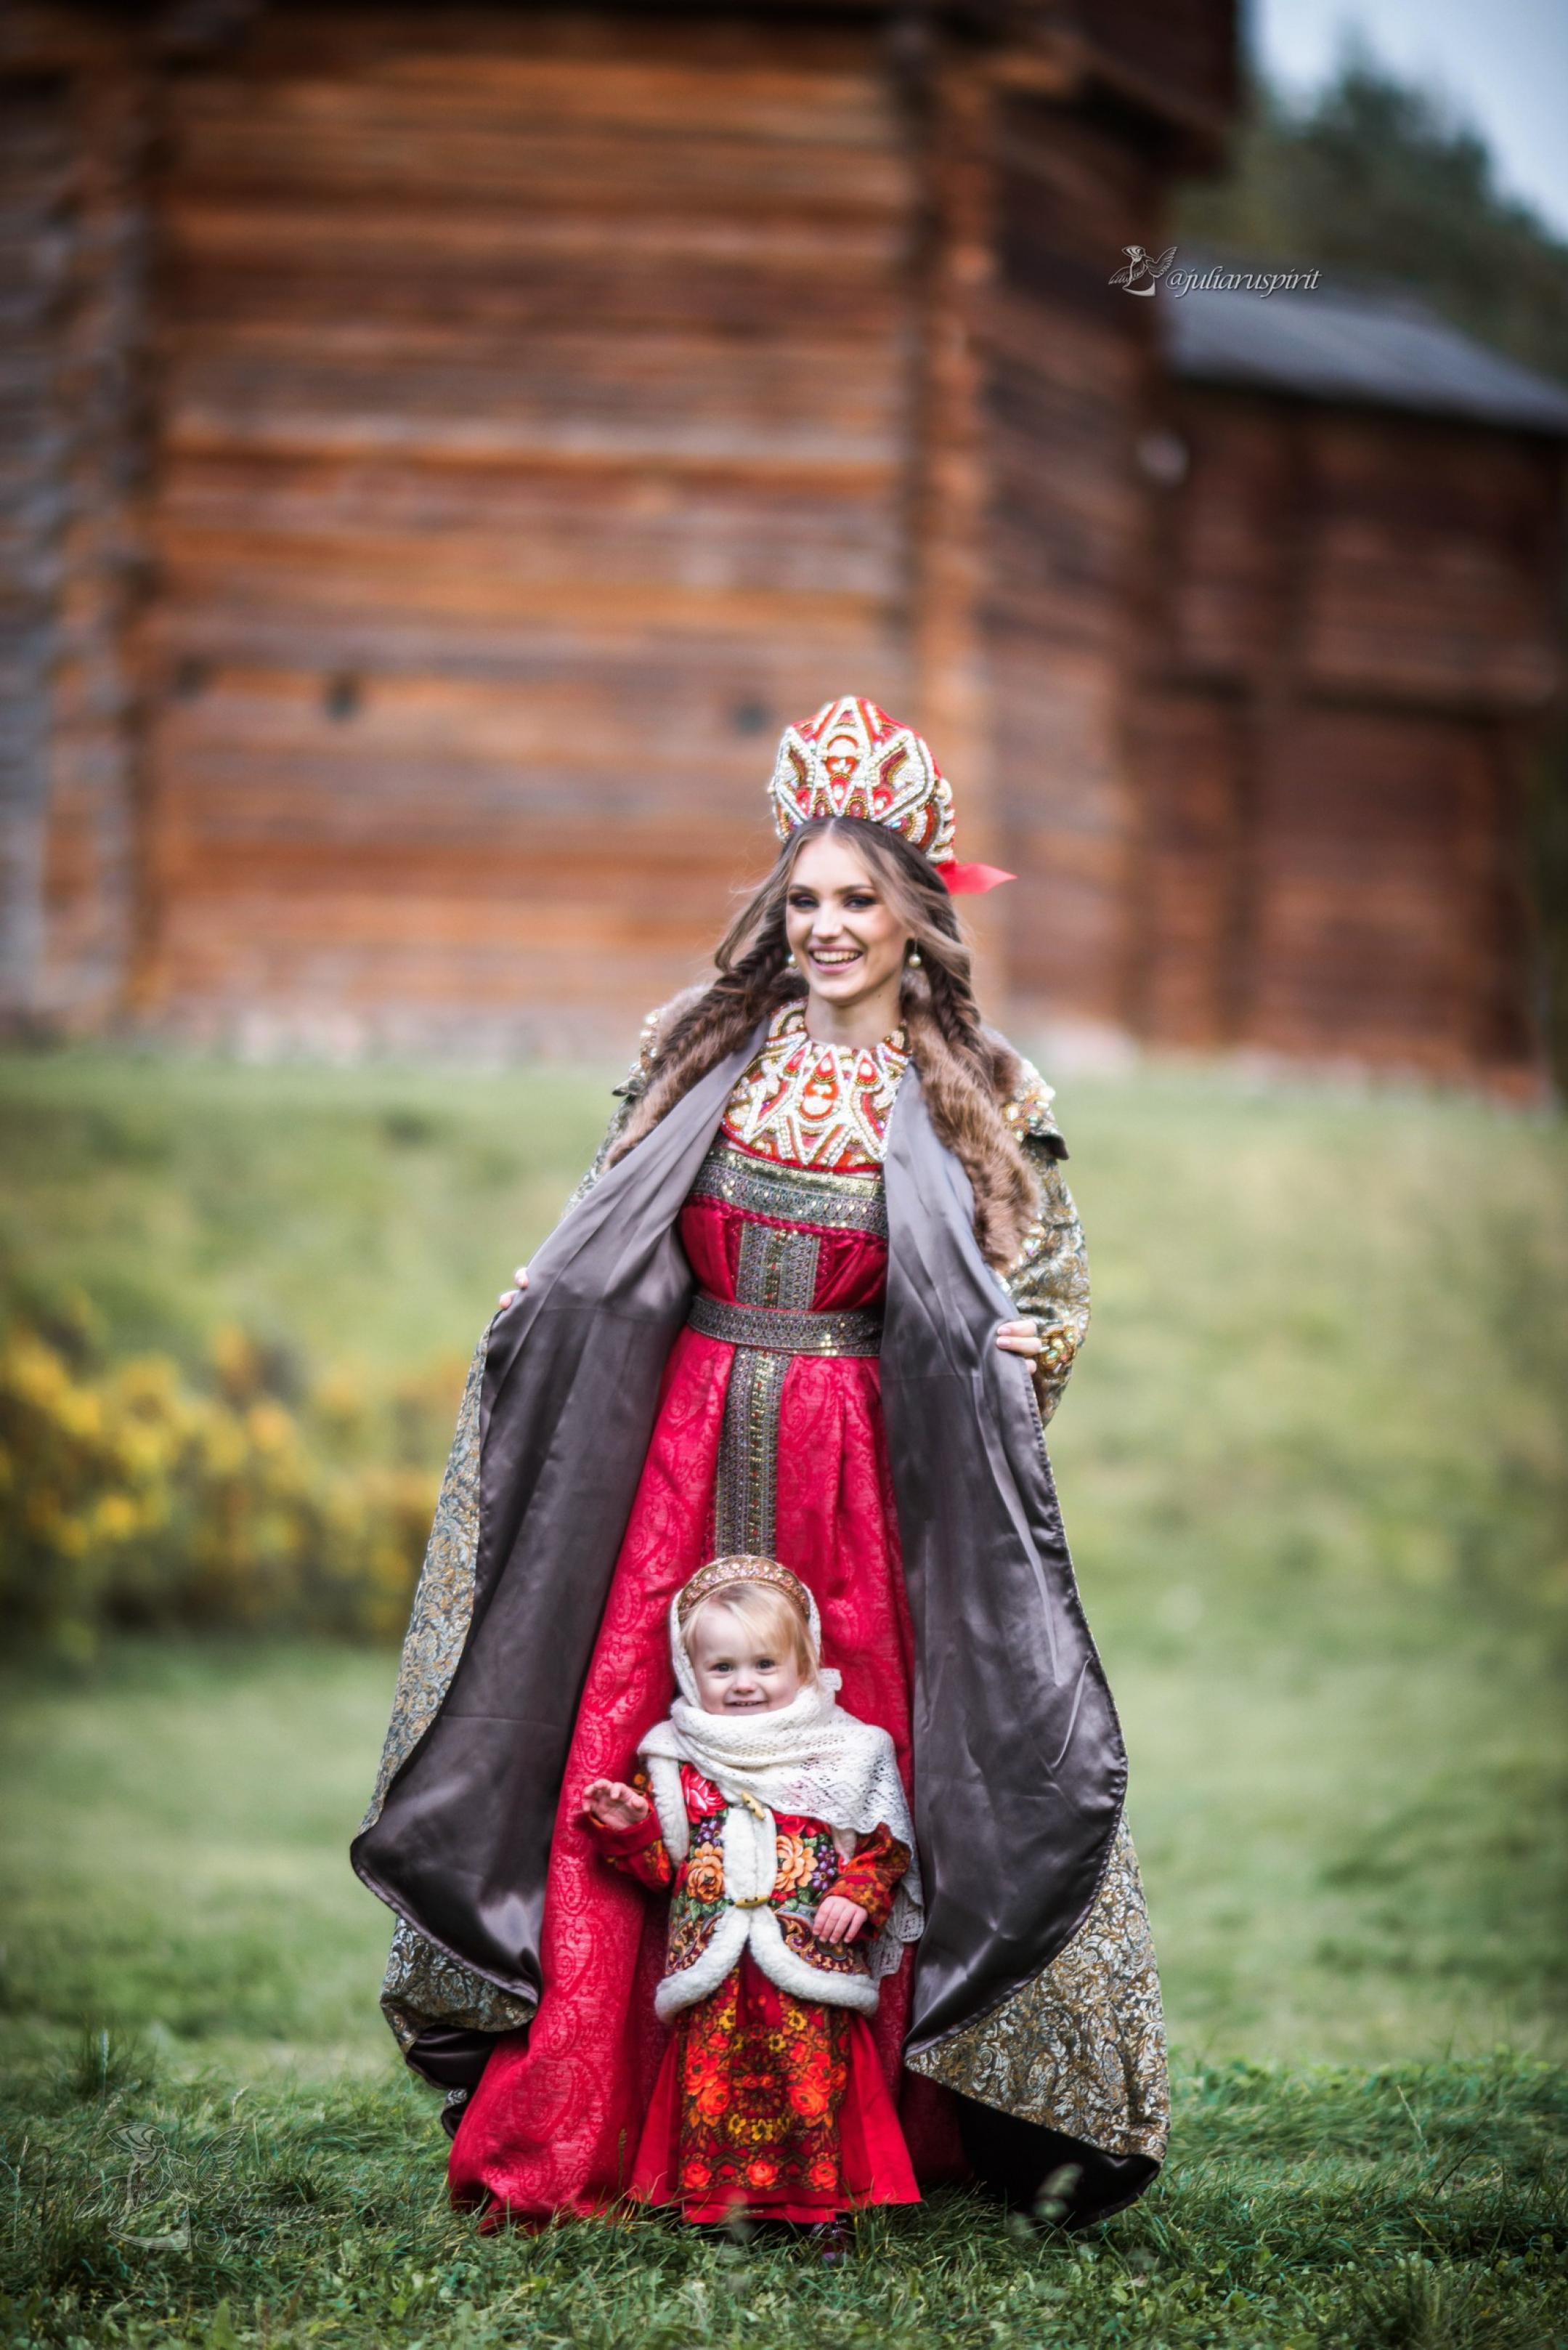 мама с дочкой на фоне деревянного кремля в русском стиле